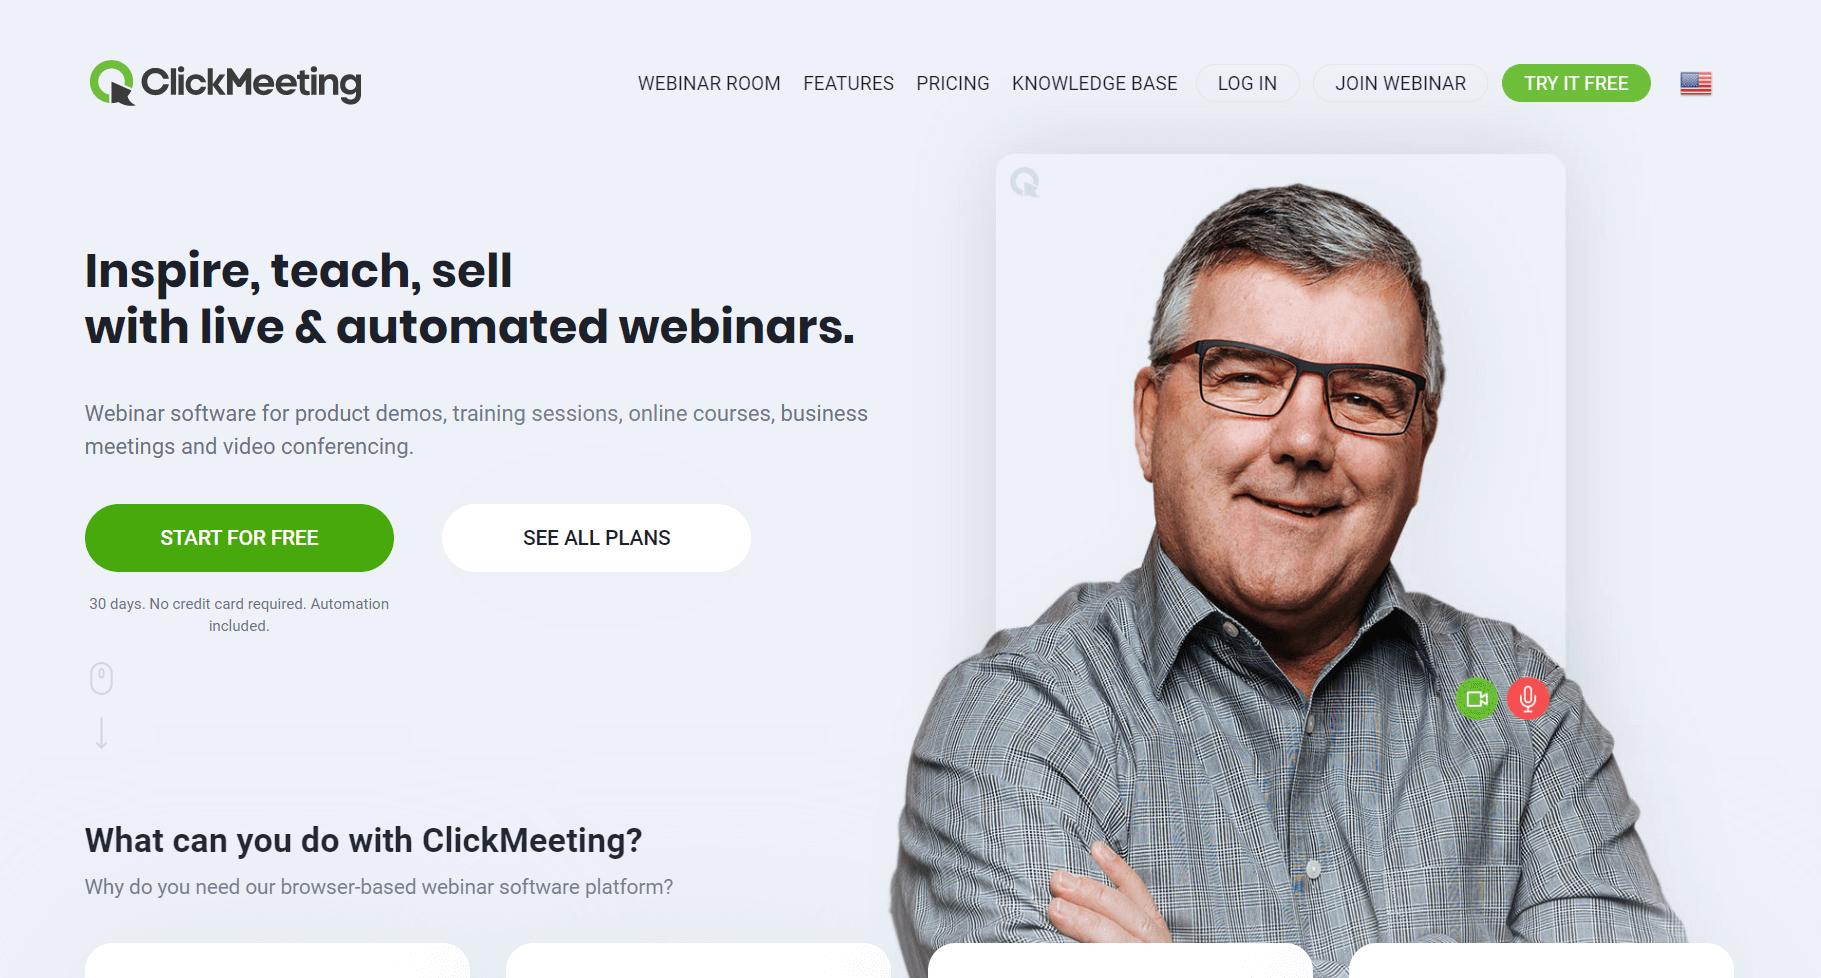 ClickMeeting per video konferenca